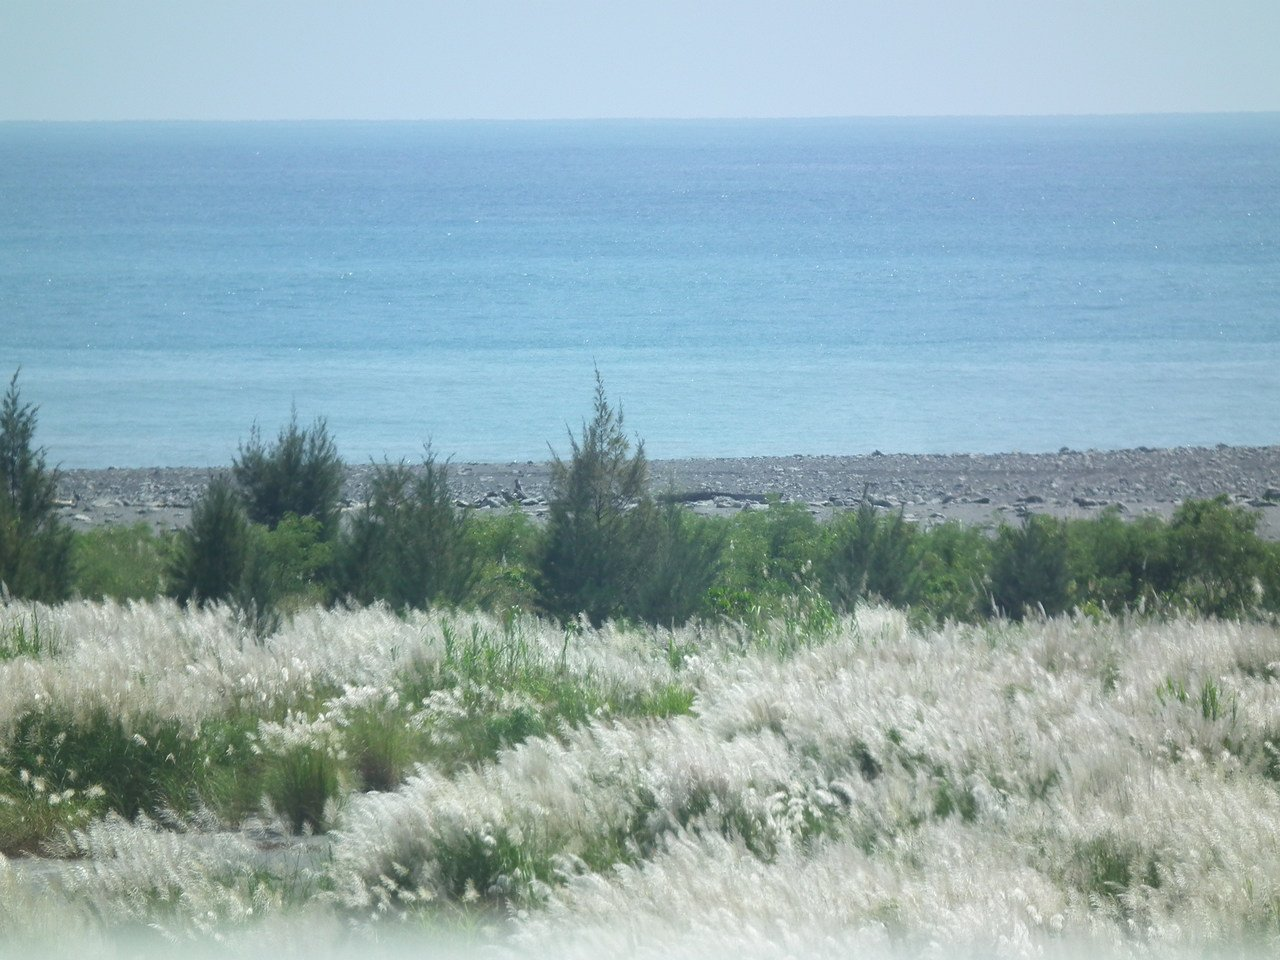 台東南迴數條河床上,一大片雪花般的芒草花和湛藍海景搭配,美景盡收眼底。記者尤聰光...